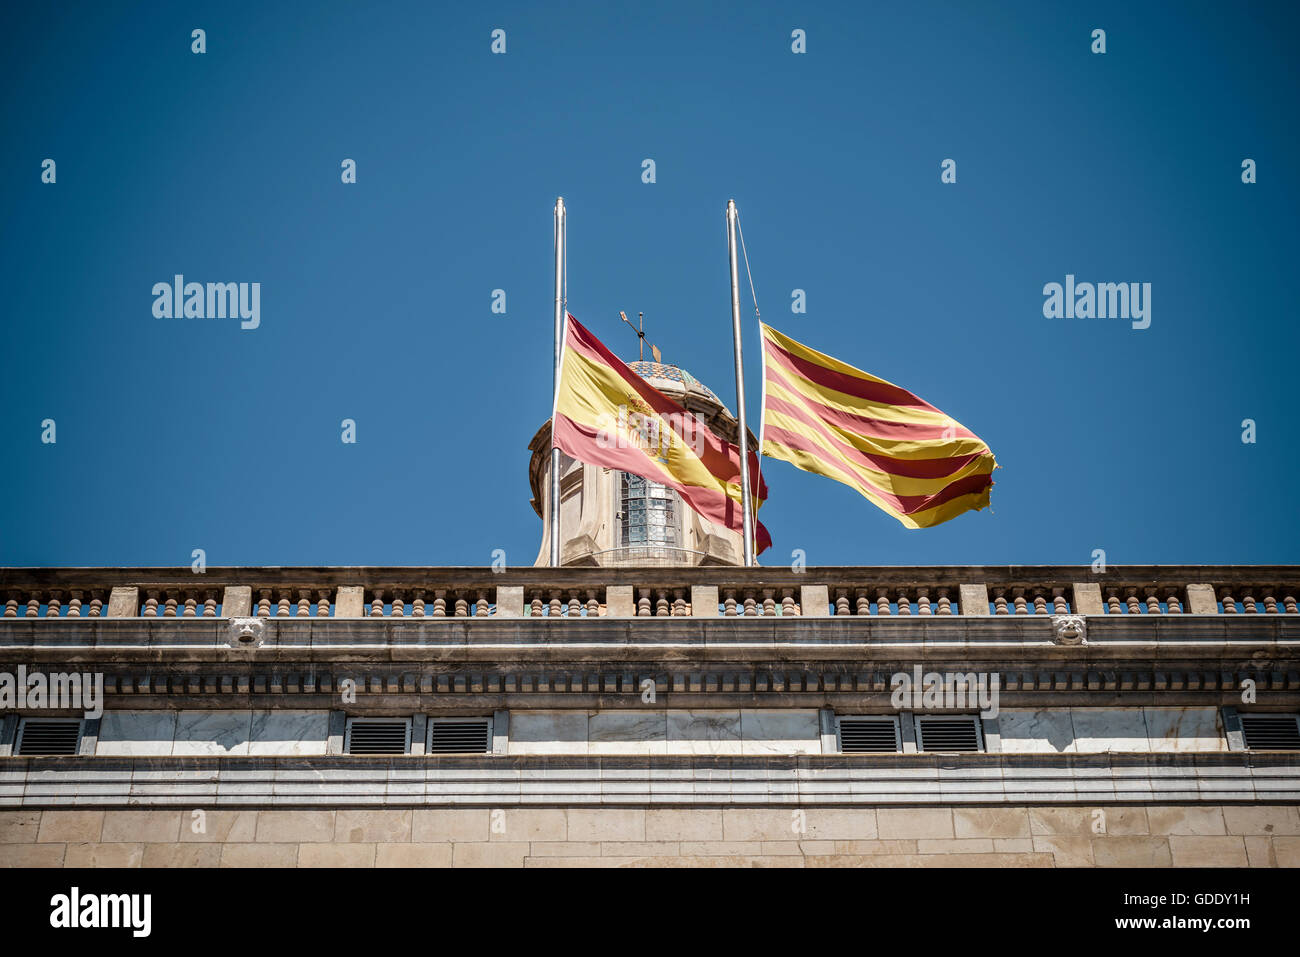 Barcelone, Espagne. 15 juillet, 2016. L'Espagnol et Catalan sont les drapeaux en berne en commémoration de l'attaque de Nice victimes sur le dessus de la Generalitat en crédit de Barcelone: matthi/Alamy Live News Banque D'Images